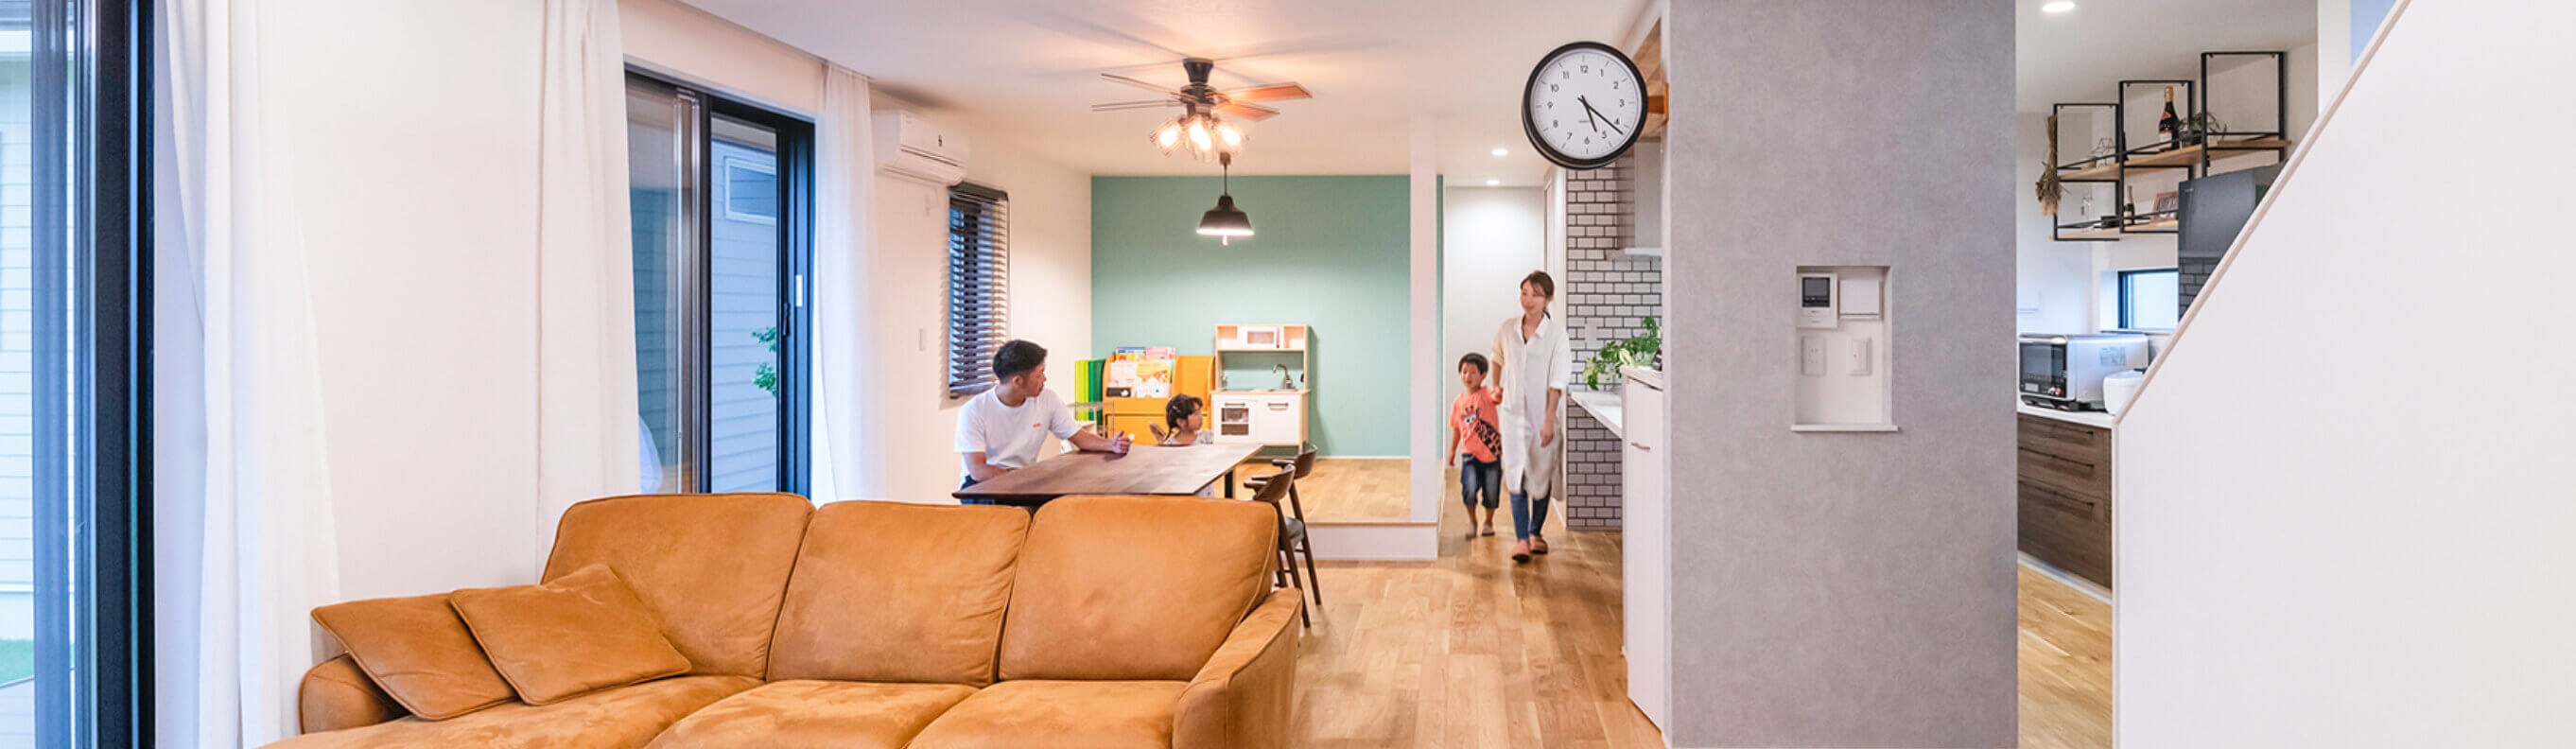 カフェ風のヴィンテージ感溢れるリビングルームでくつろぐ家族